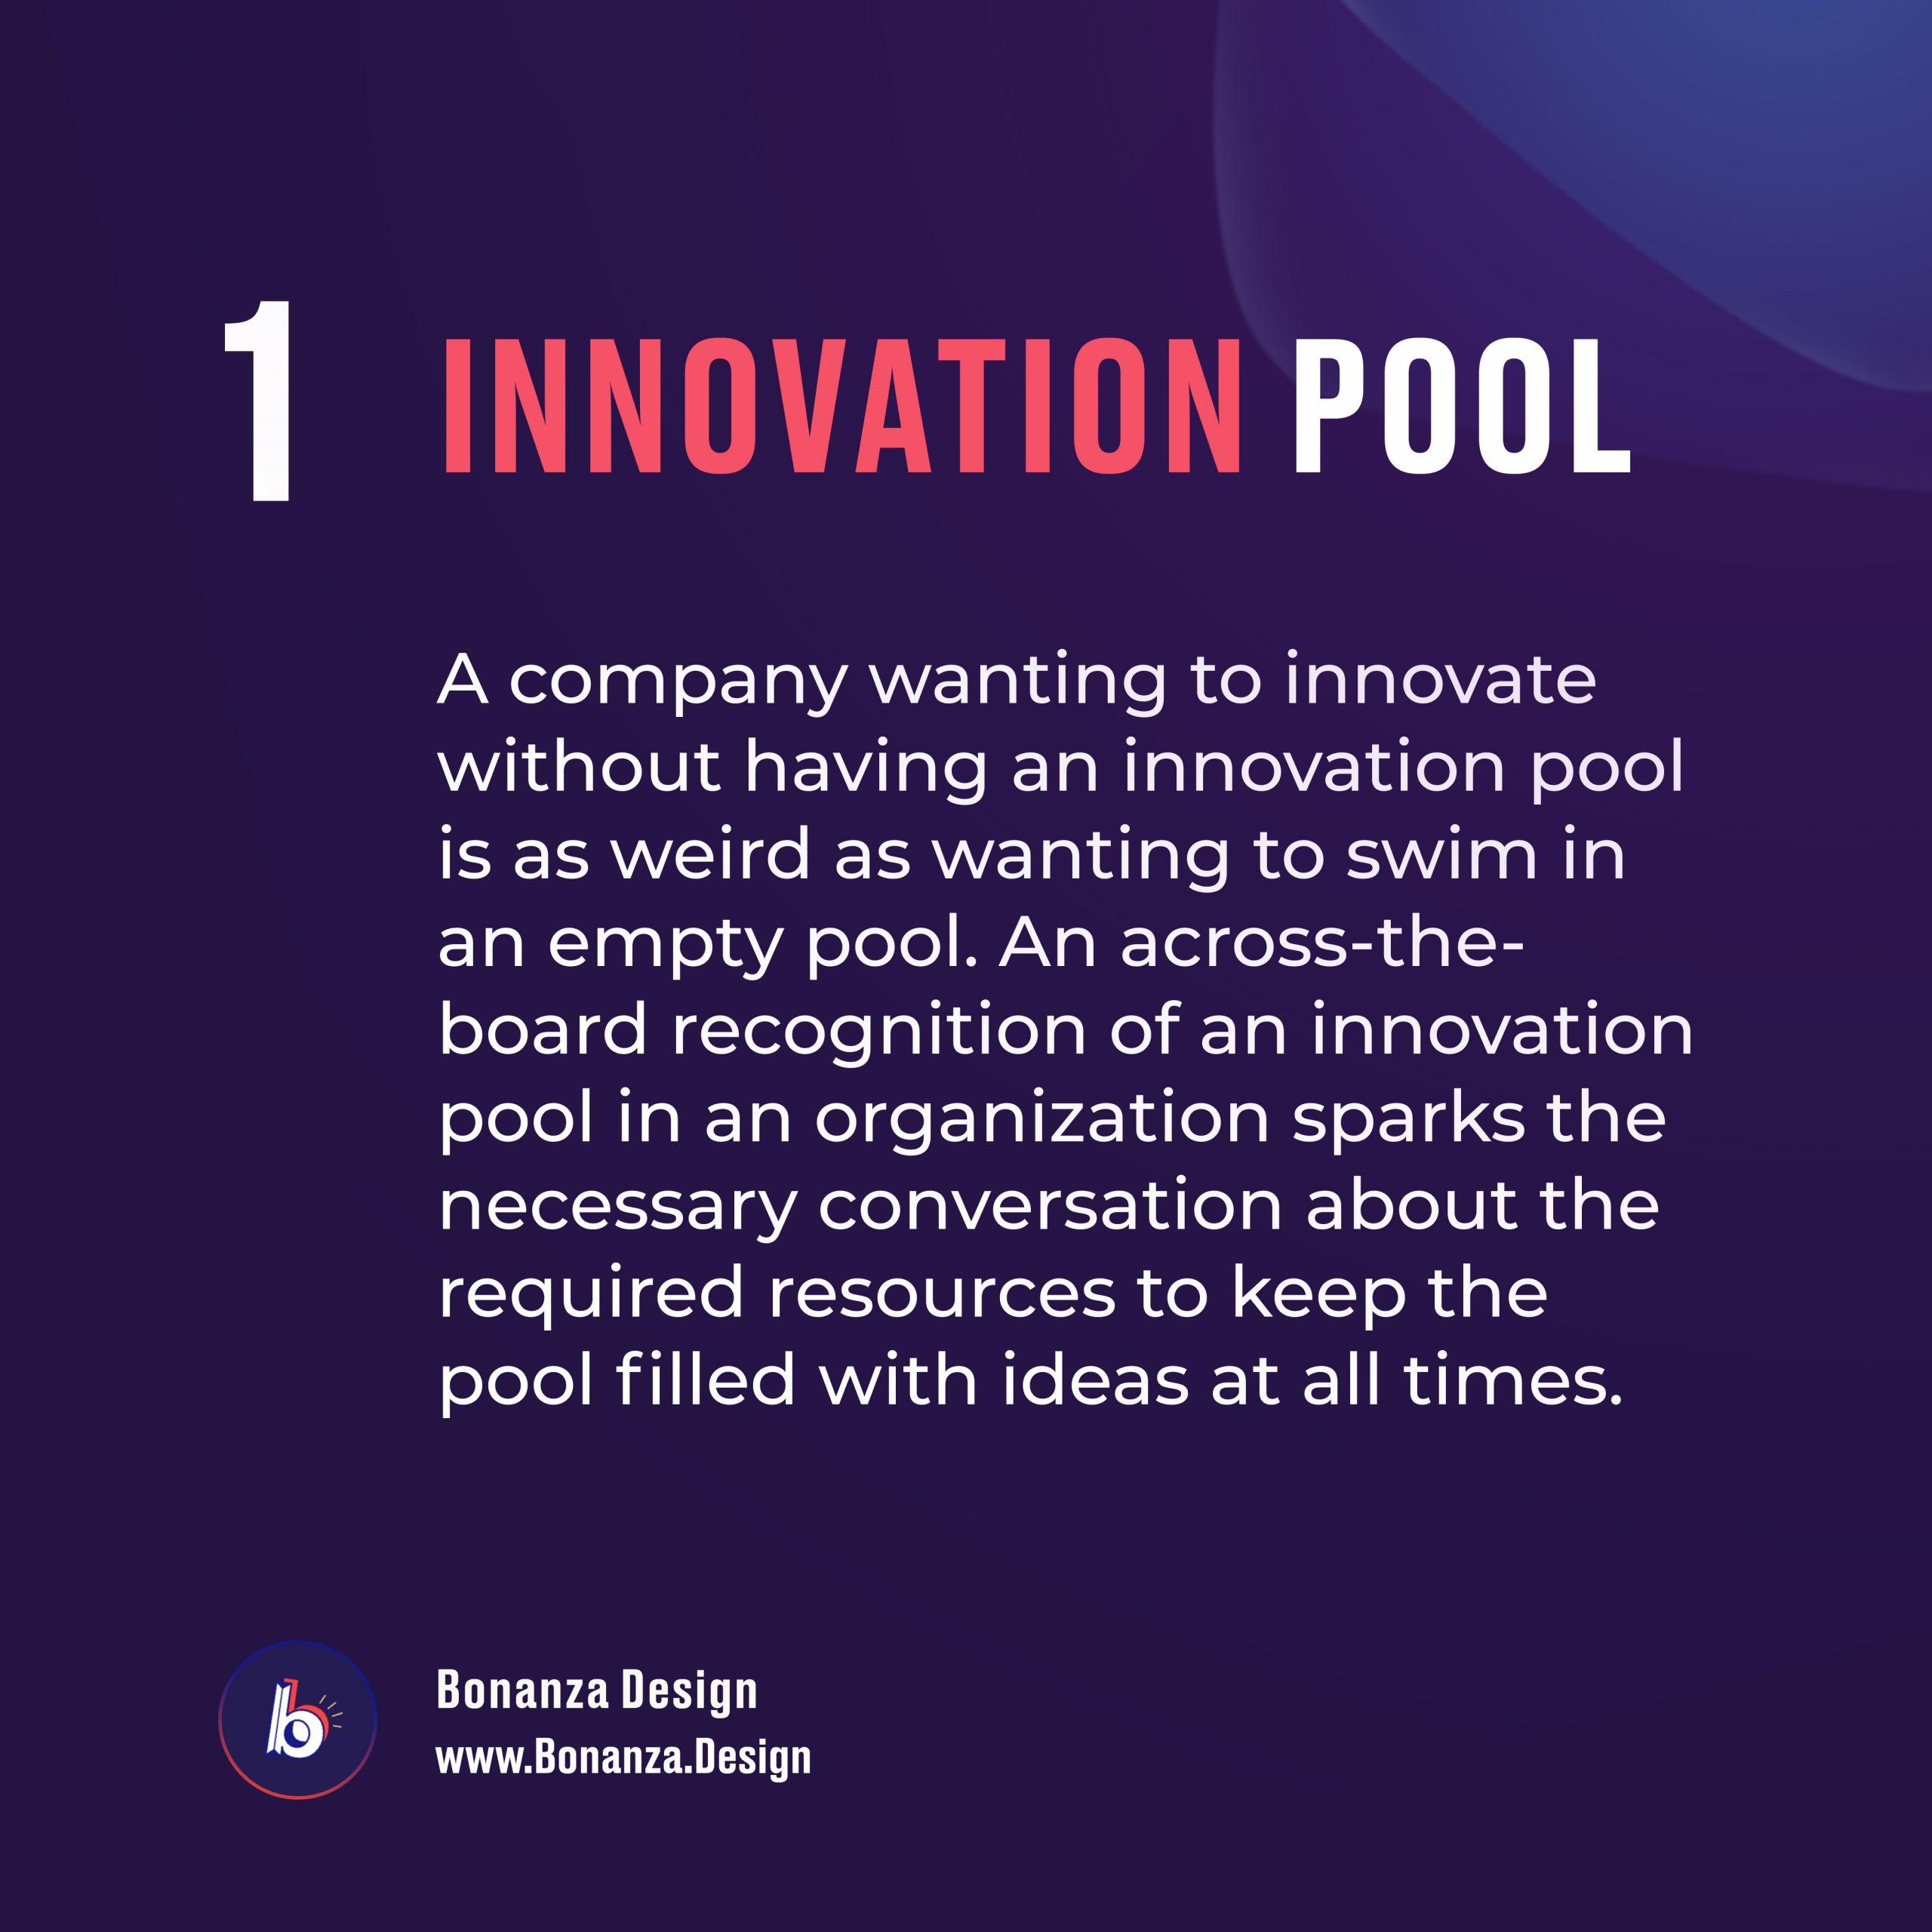 Innovation Fool